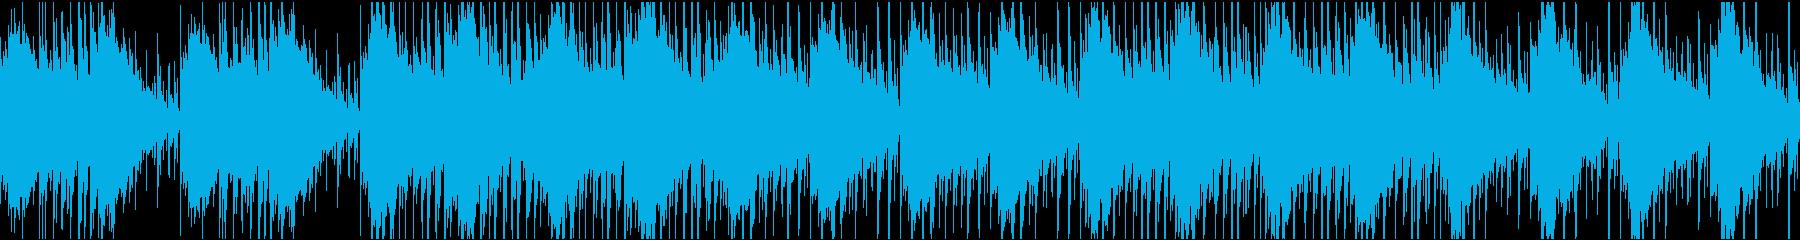 ゲーム・エンディング・希望のある曲の再生済みの波形